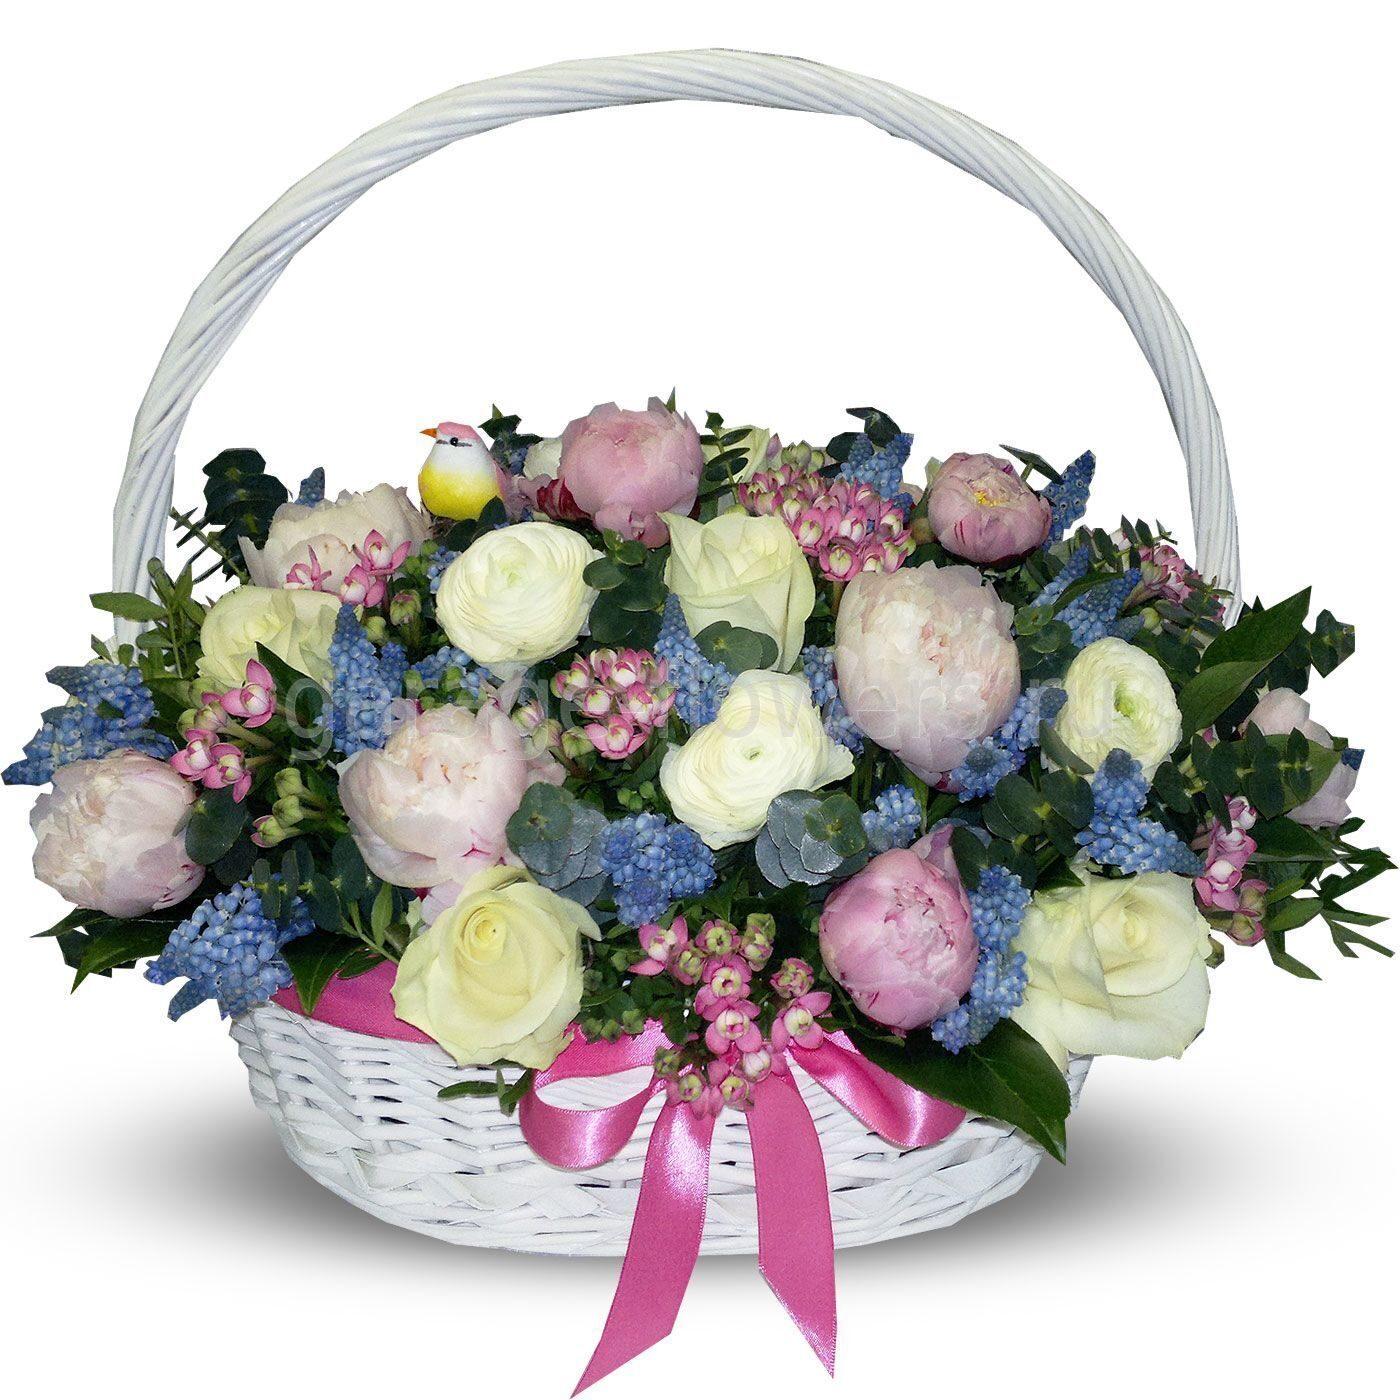 Картинки с днем рождения корзина цветов, зайчиком